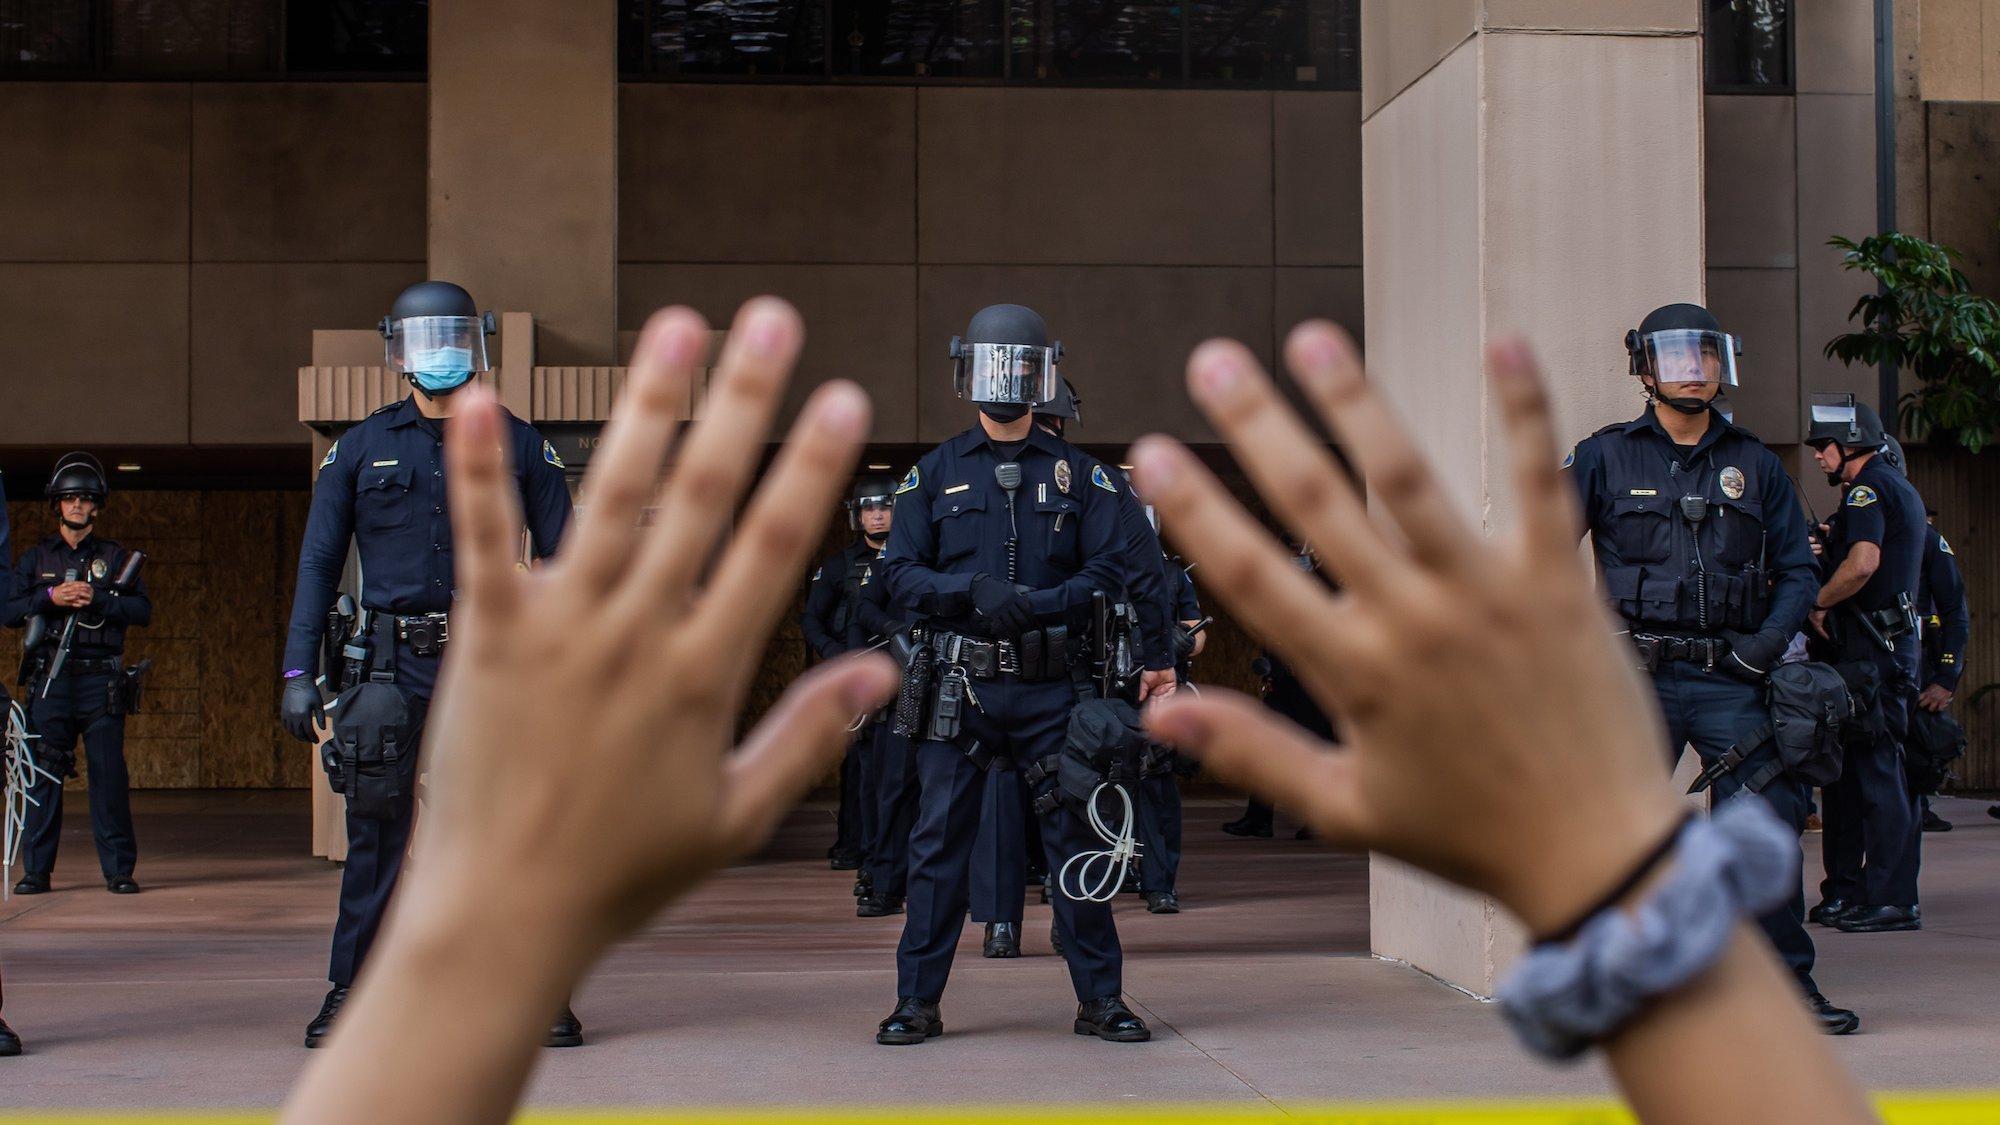 Ein Demonstrant hält seine Hände nach oben, während im Hintergrund Polizisten in Schutzausrüstung zu sehen sind.